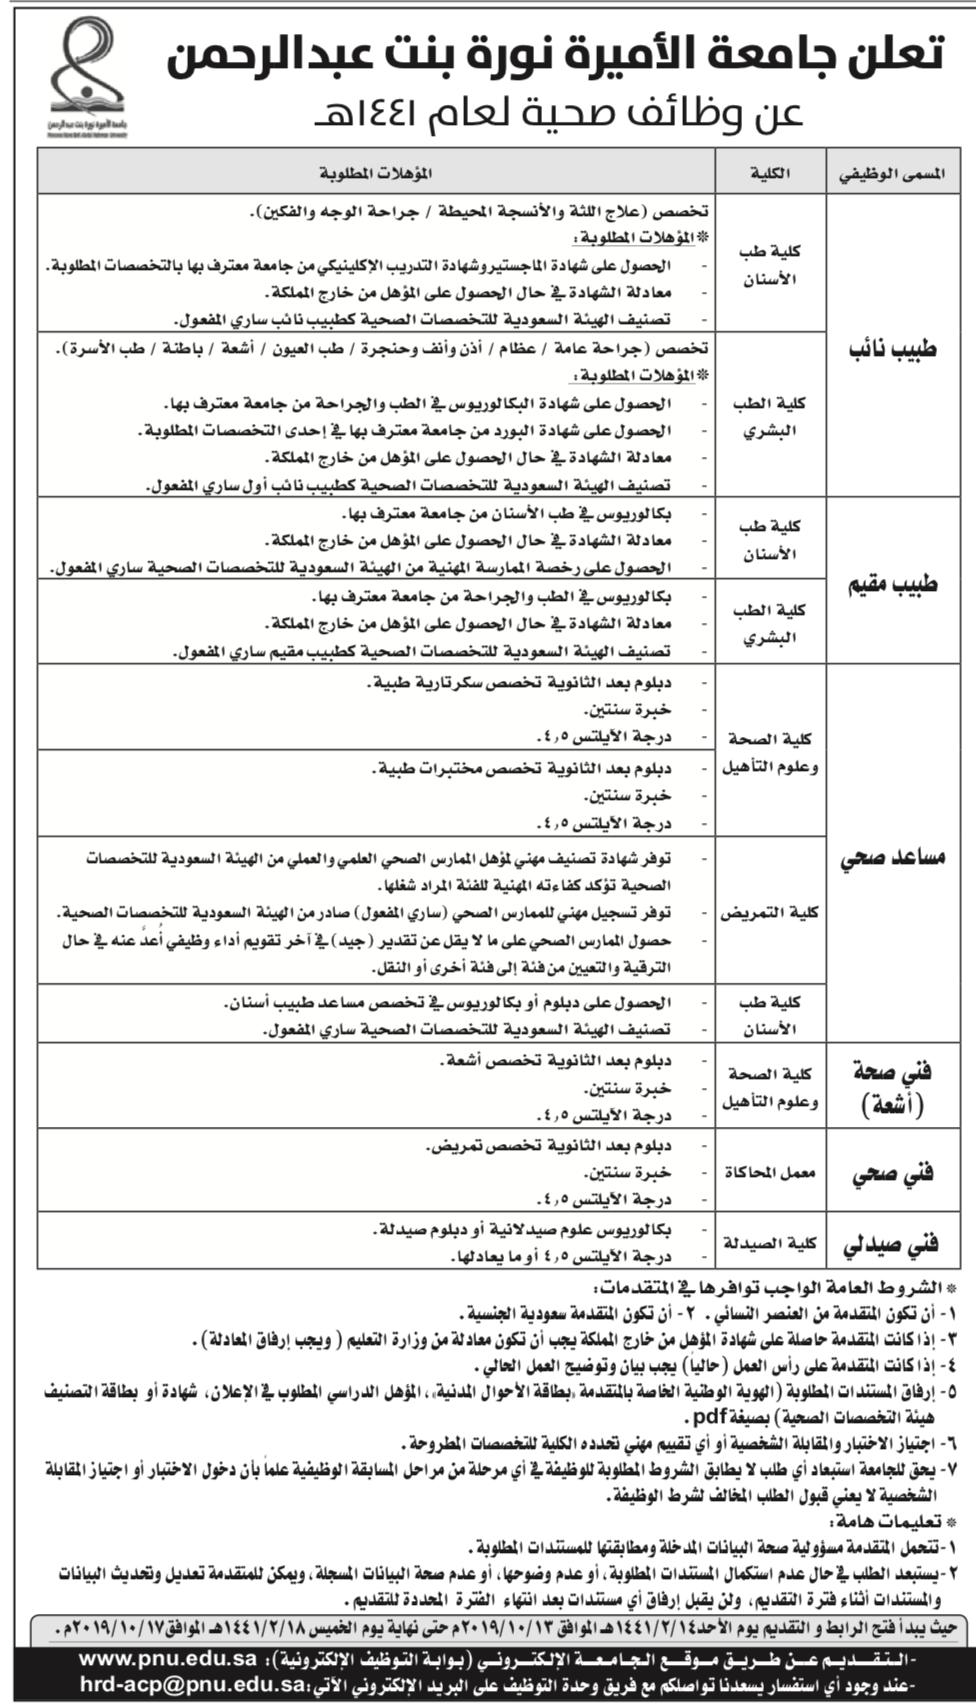 تعلن جامعة الأميرة نورة بنت عبدالرحمن عن توفر وظائف صحية شاغرة